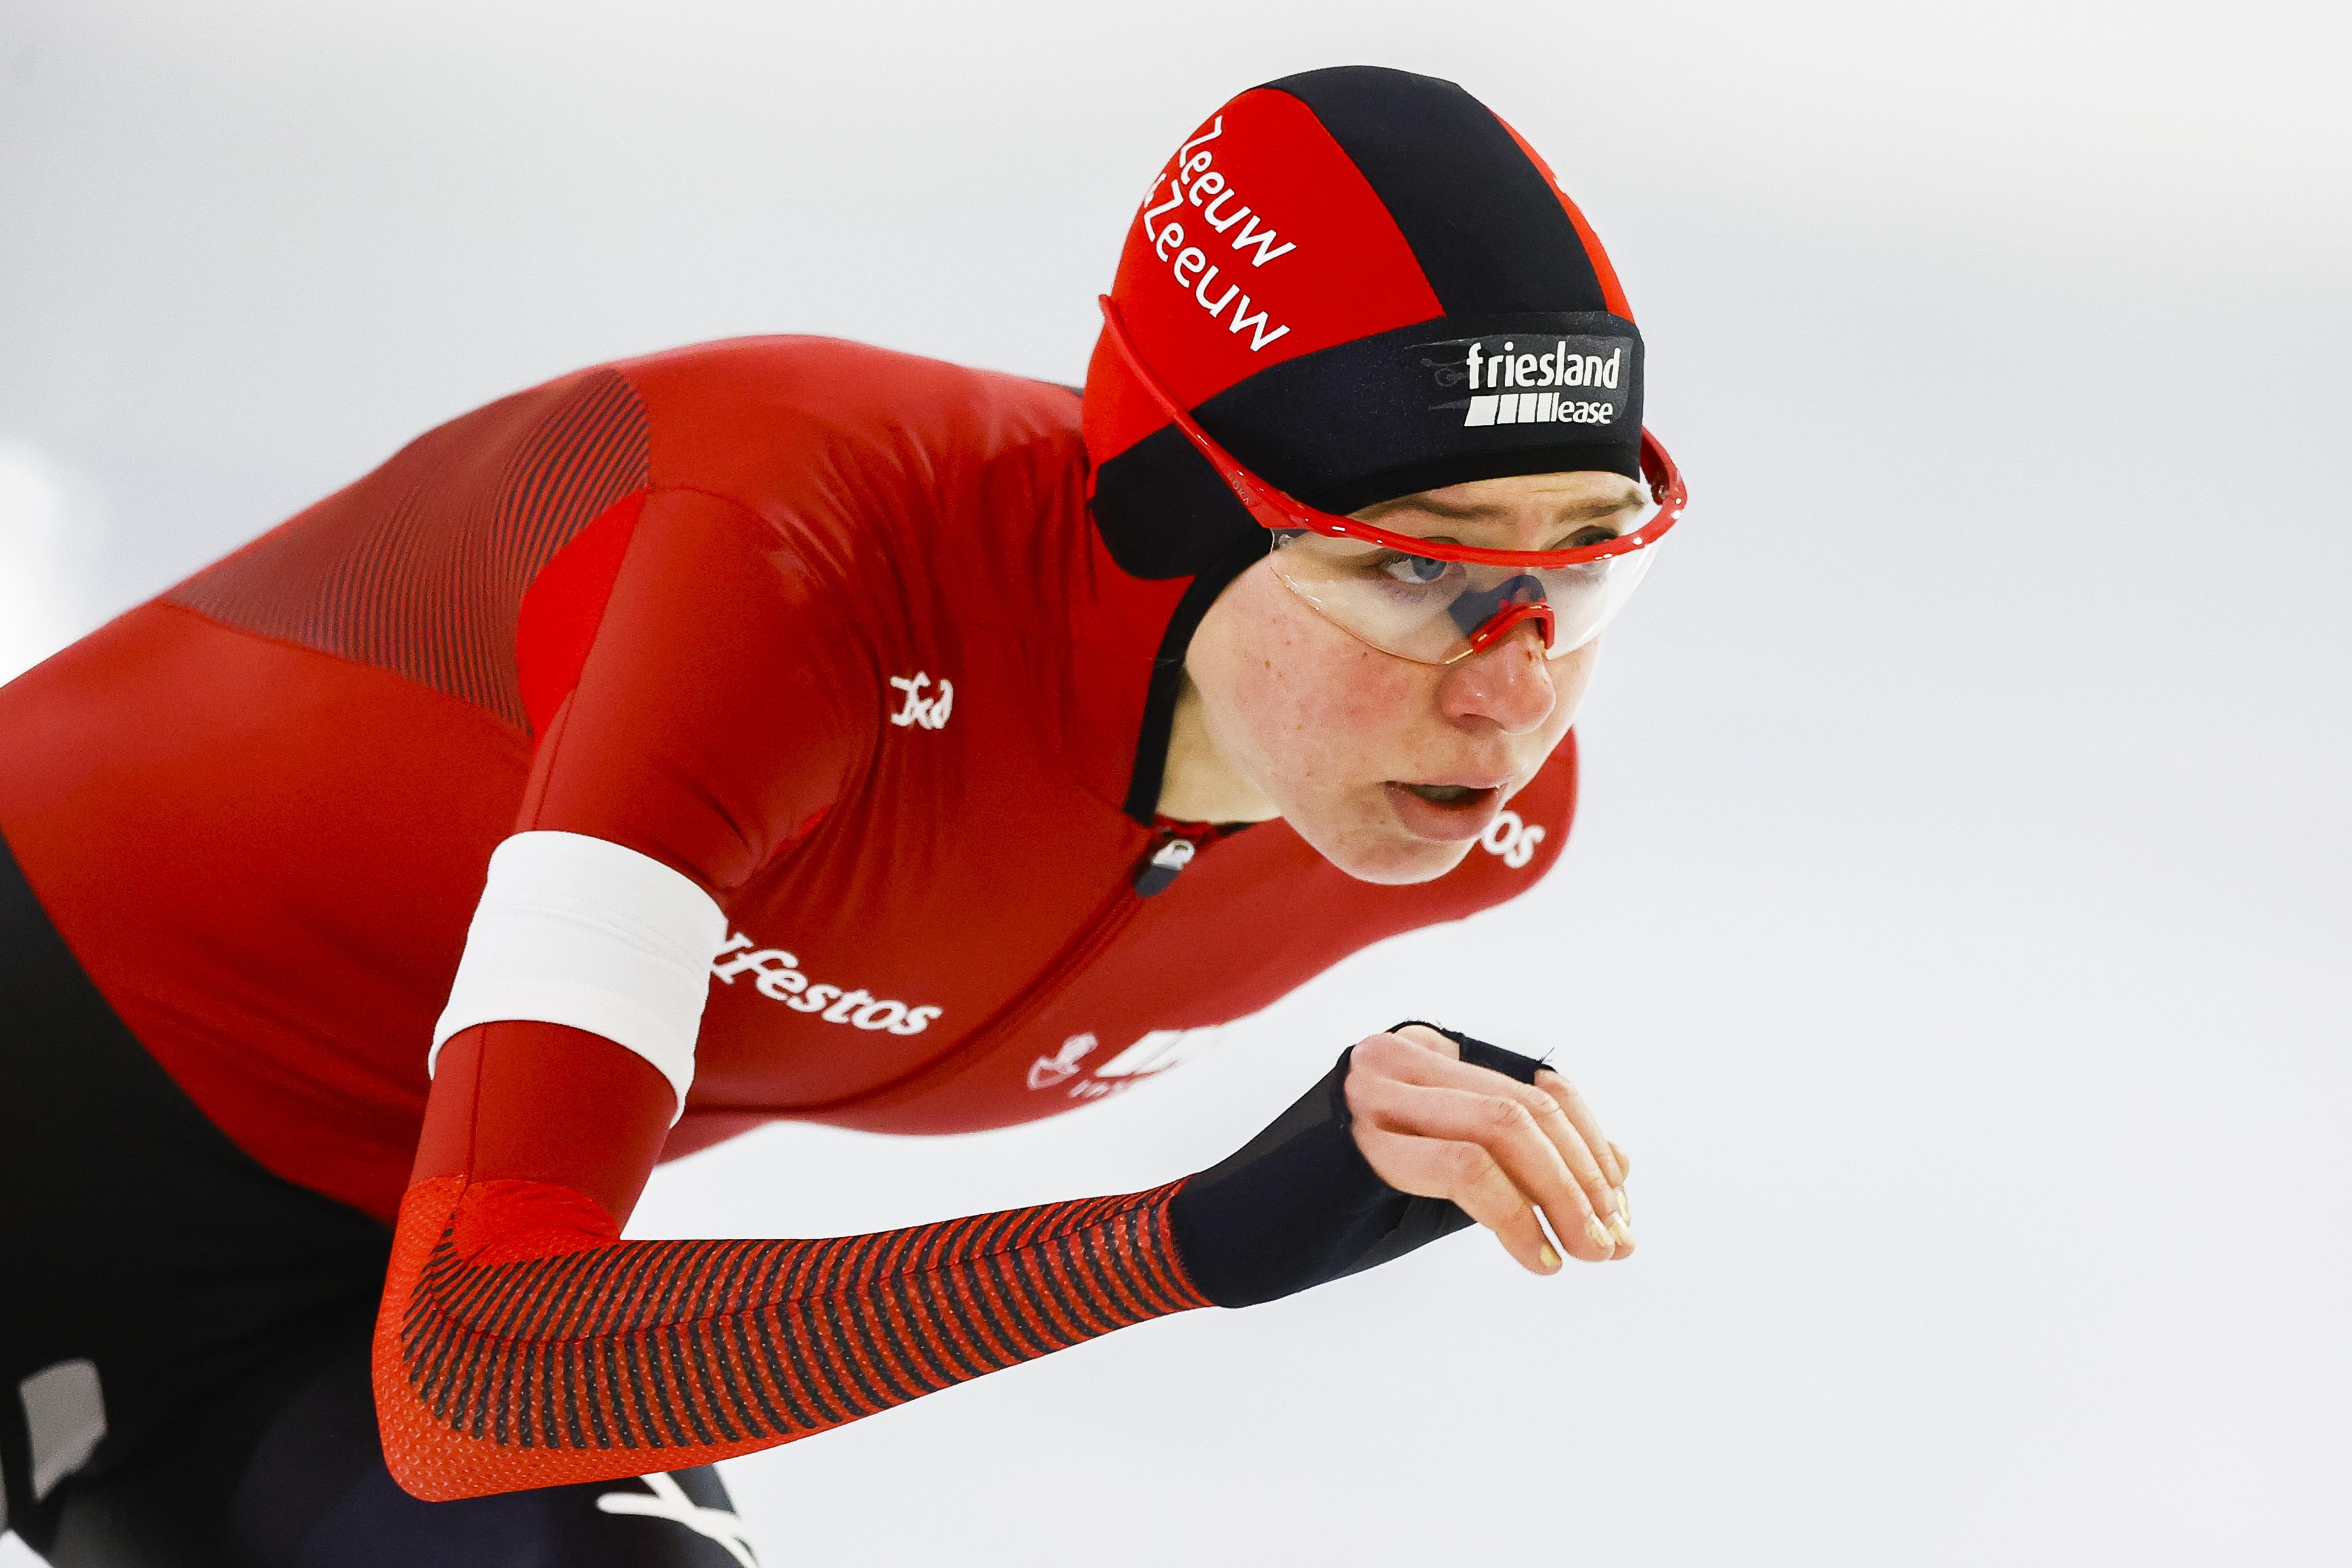 Het lichaam van Esmee Visser heeft de schaatsster uit Beinsdorp in de steek gelaten. 'Ik heb sinds de Winterspelen van 2018 op het randje geleefd. Deze zomer zat ik tegen overtraind zijn aan, of was ik het misschien wel'